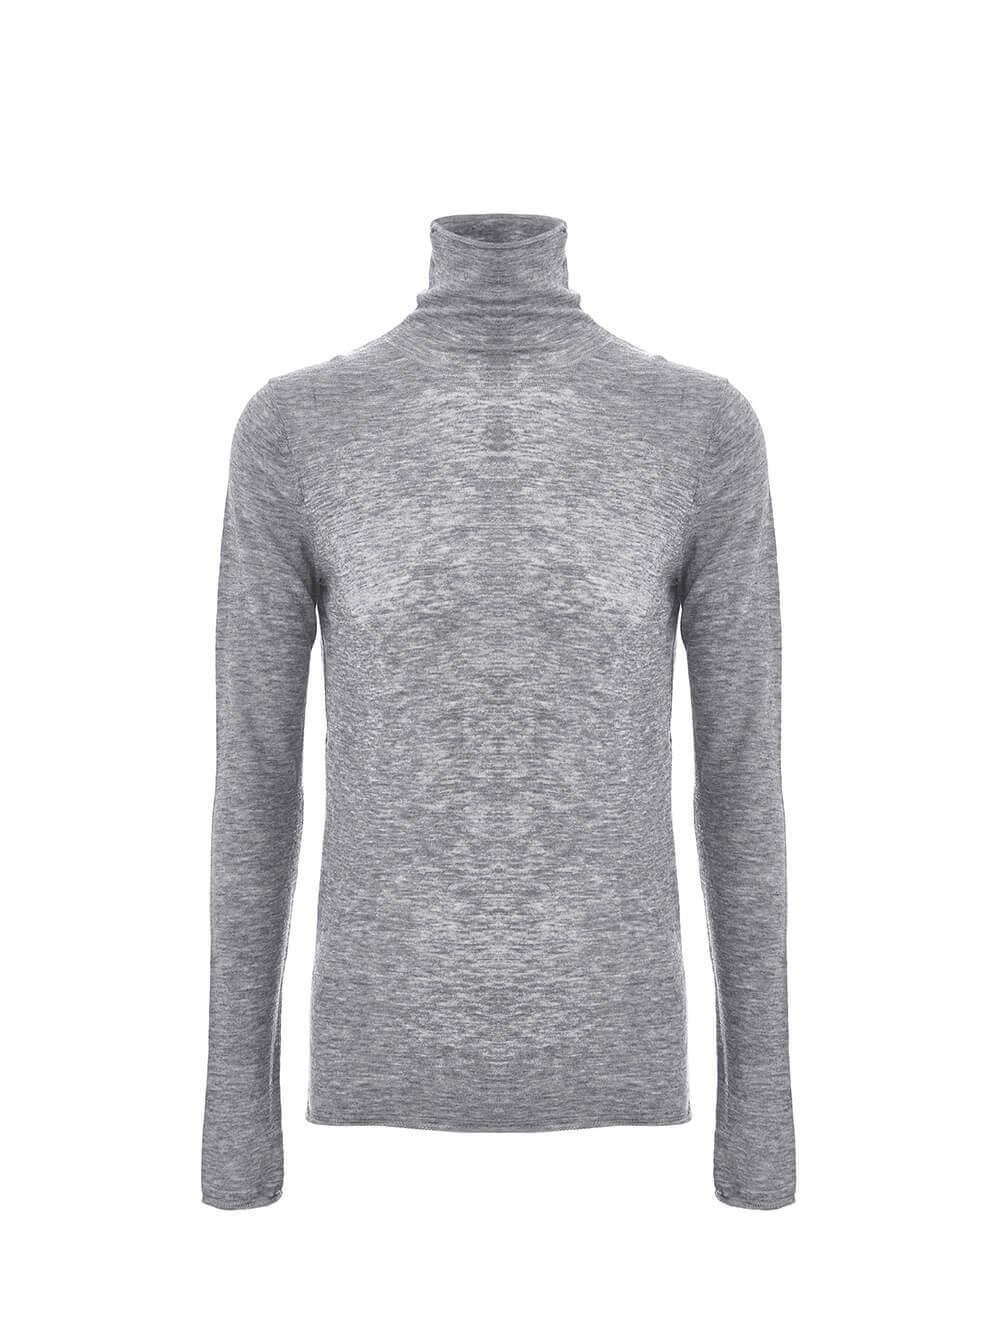 Женская водолазка цвета серый меланж из 100% шерсти - фото 1